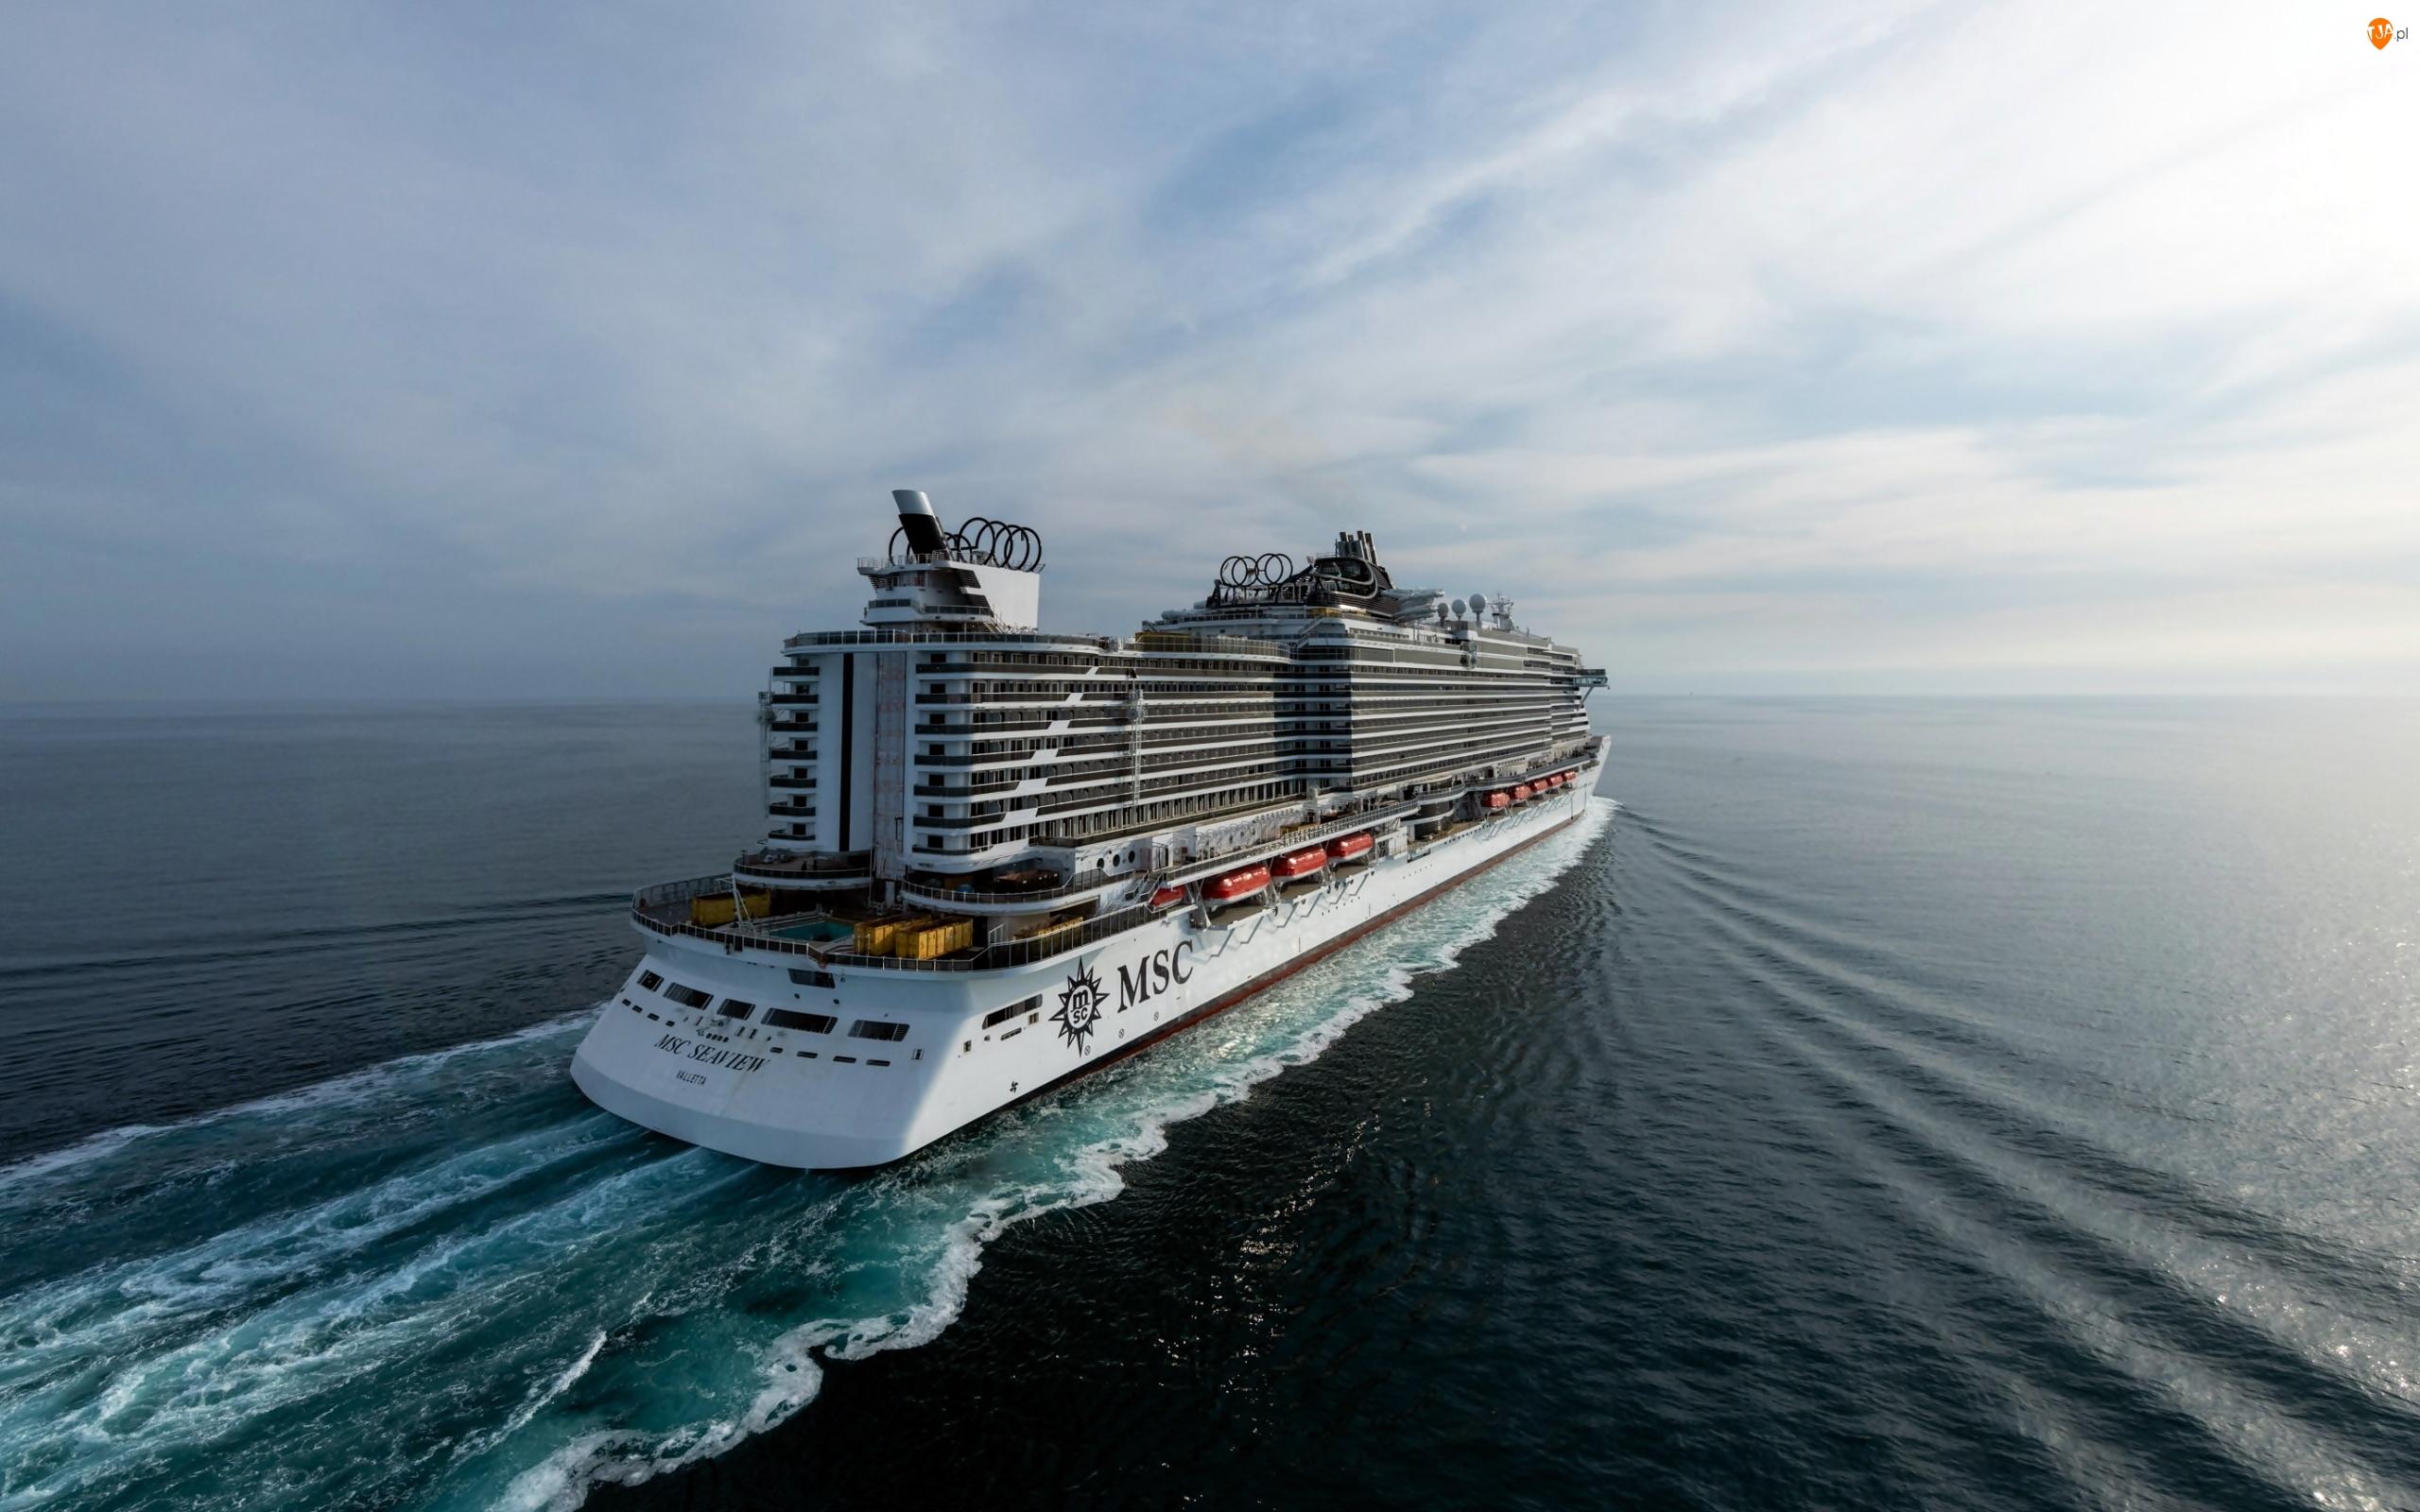 Morze, Statek wycieczkowy, MSC Seaview